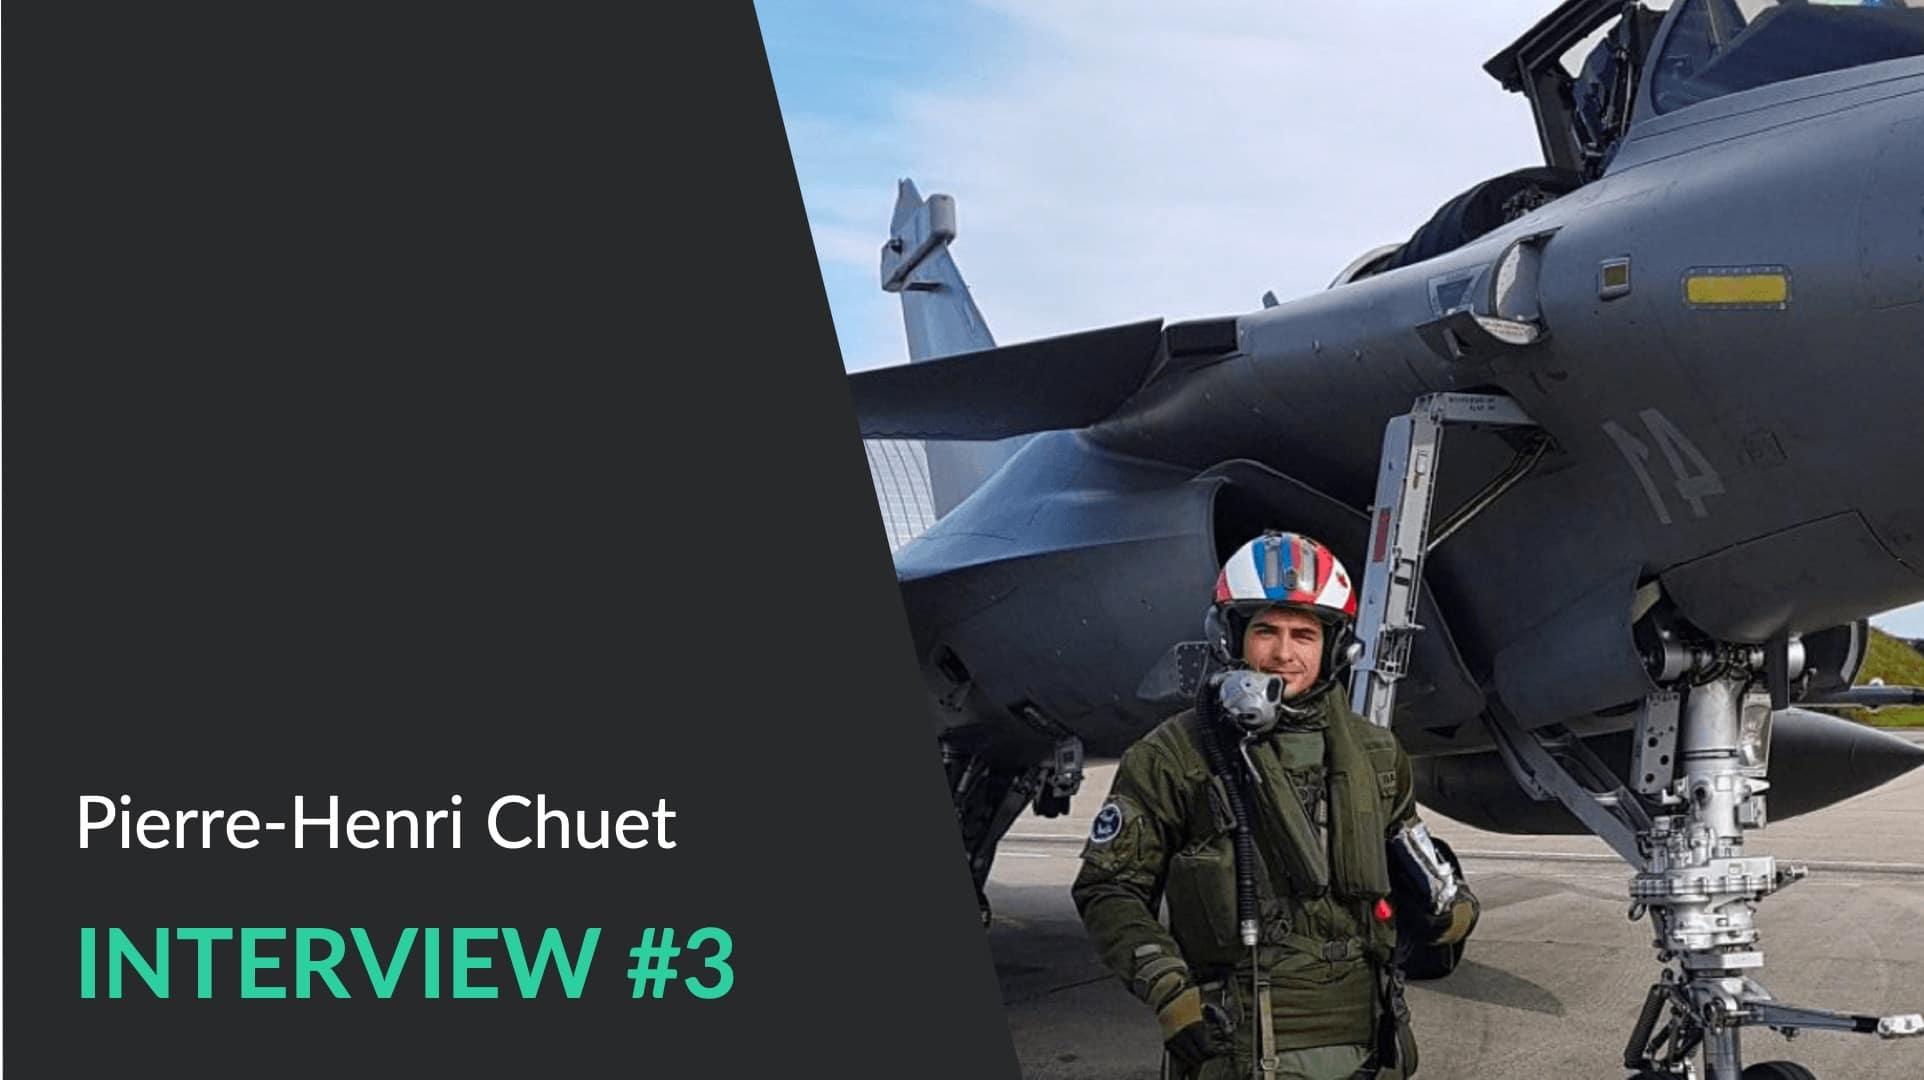 Pierre-Henri - Conférencier WeChamp gestion de crise et ancien pilote de chasse - Interview